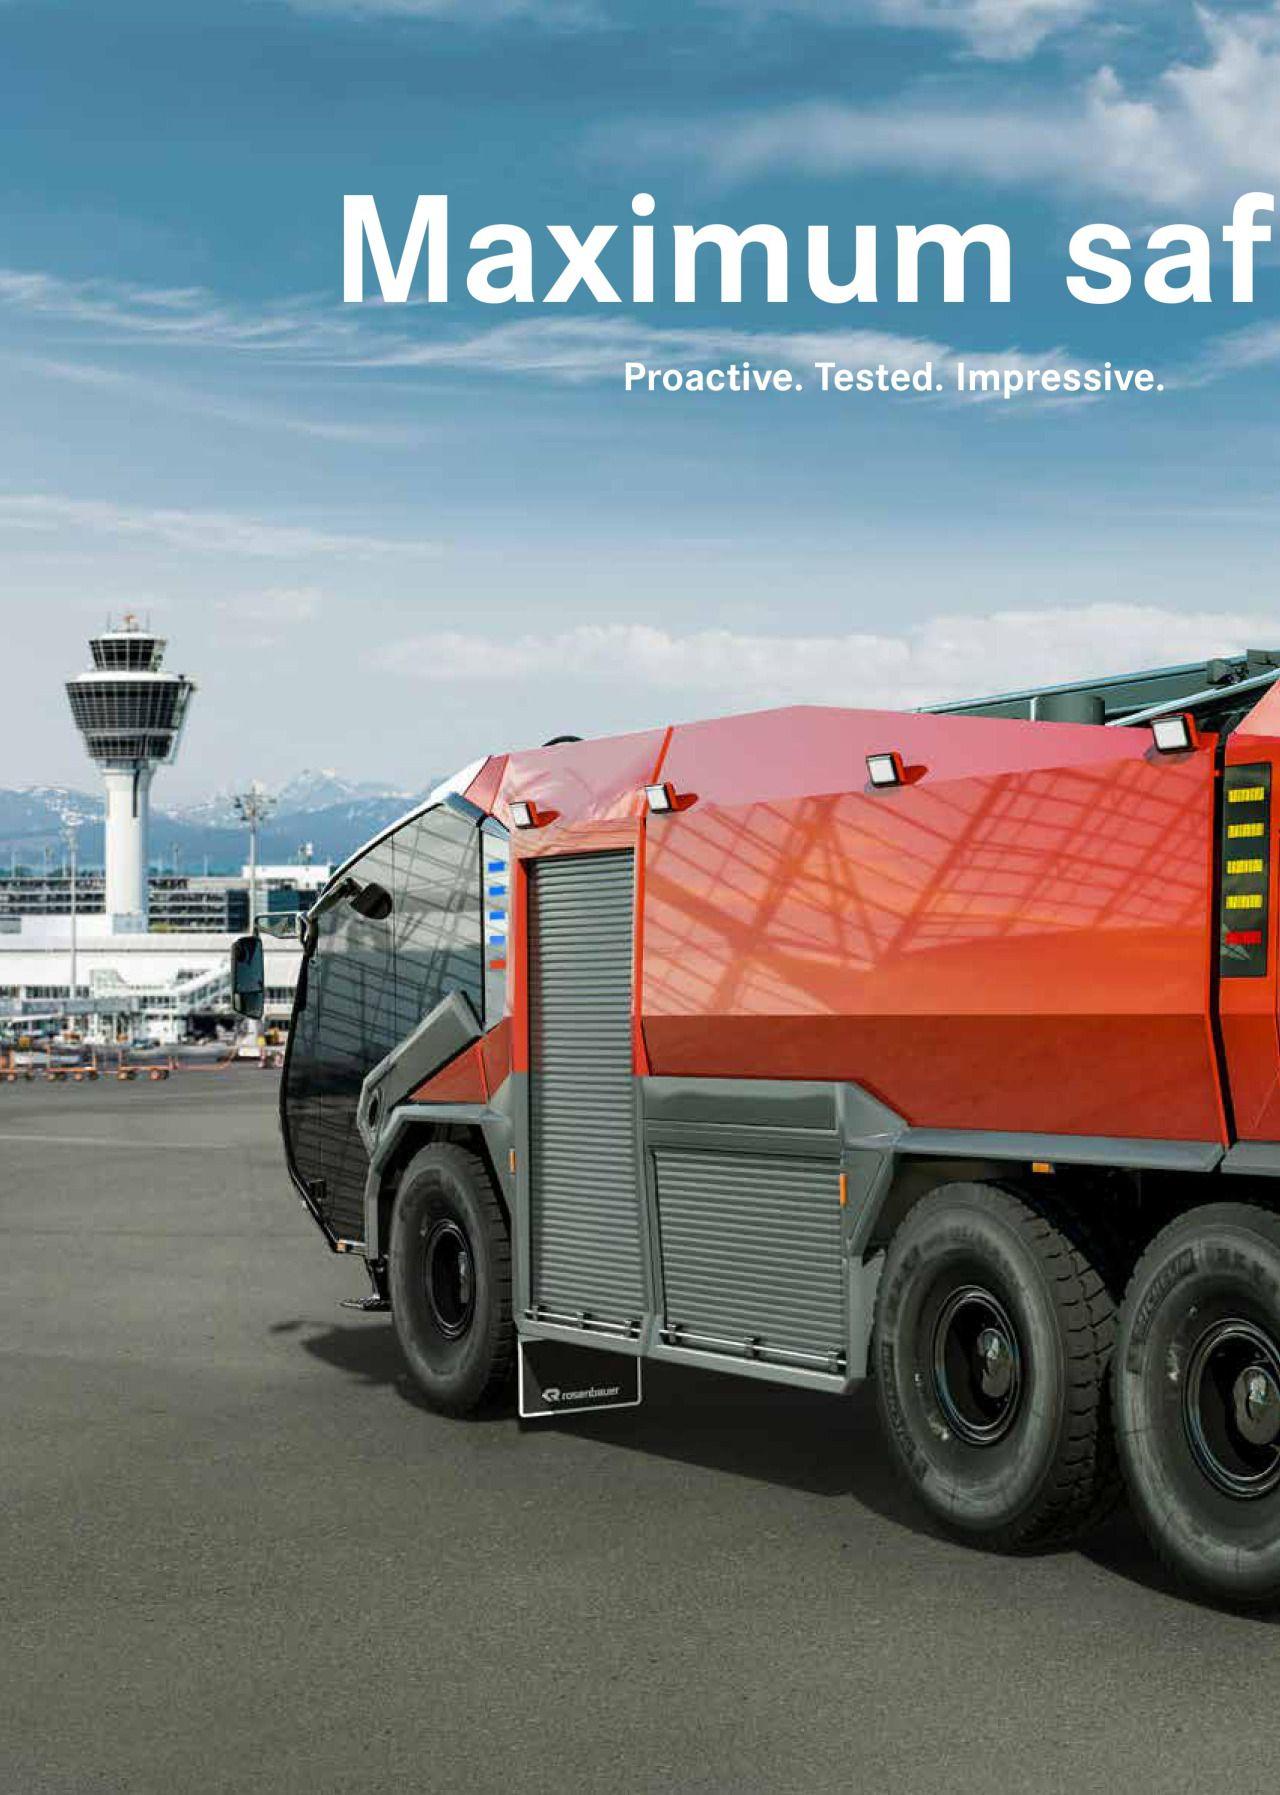 Airport Firetruck Concept | Prot | Pinterest | Firetruck, Vehicle And  Future Trucks